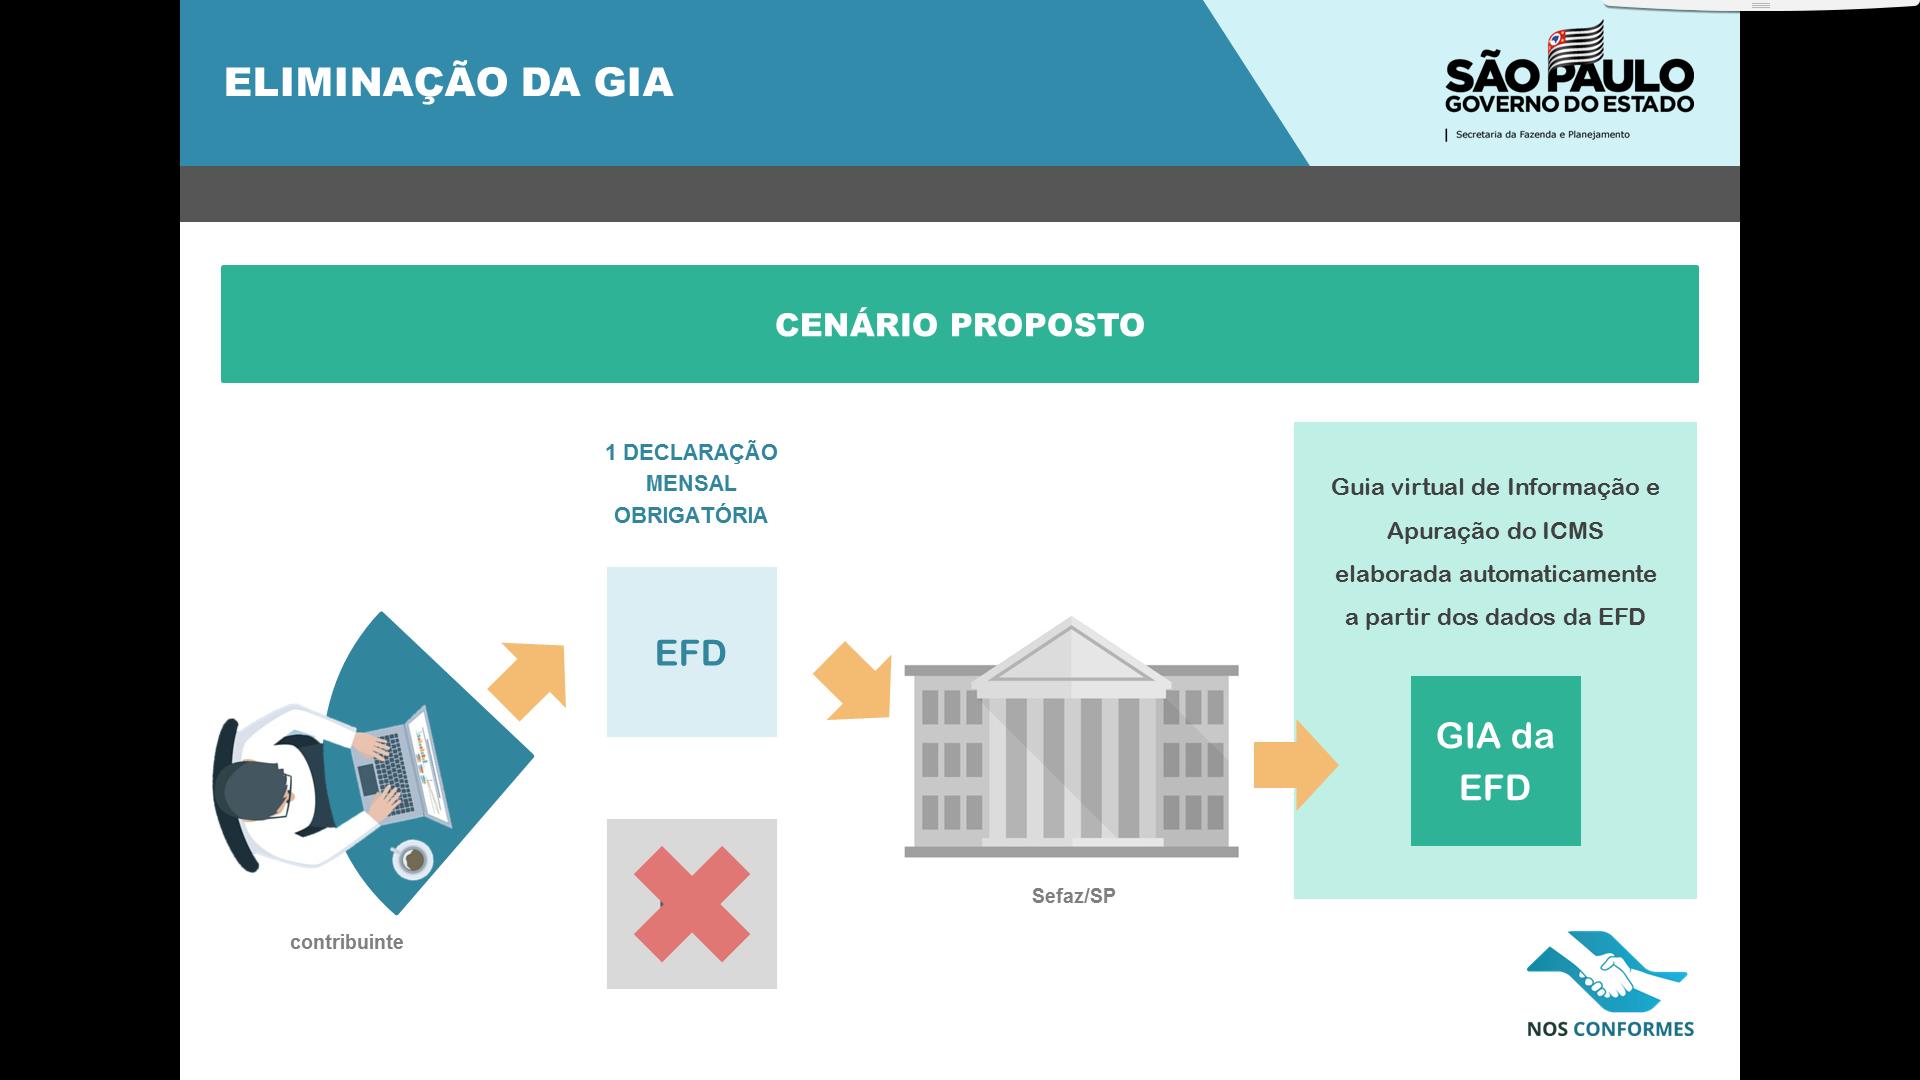 GIA esquema_cenário proposto.png